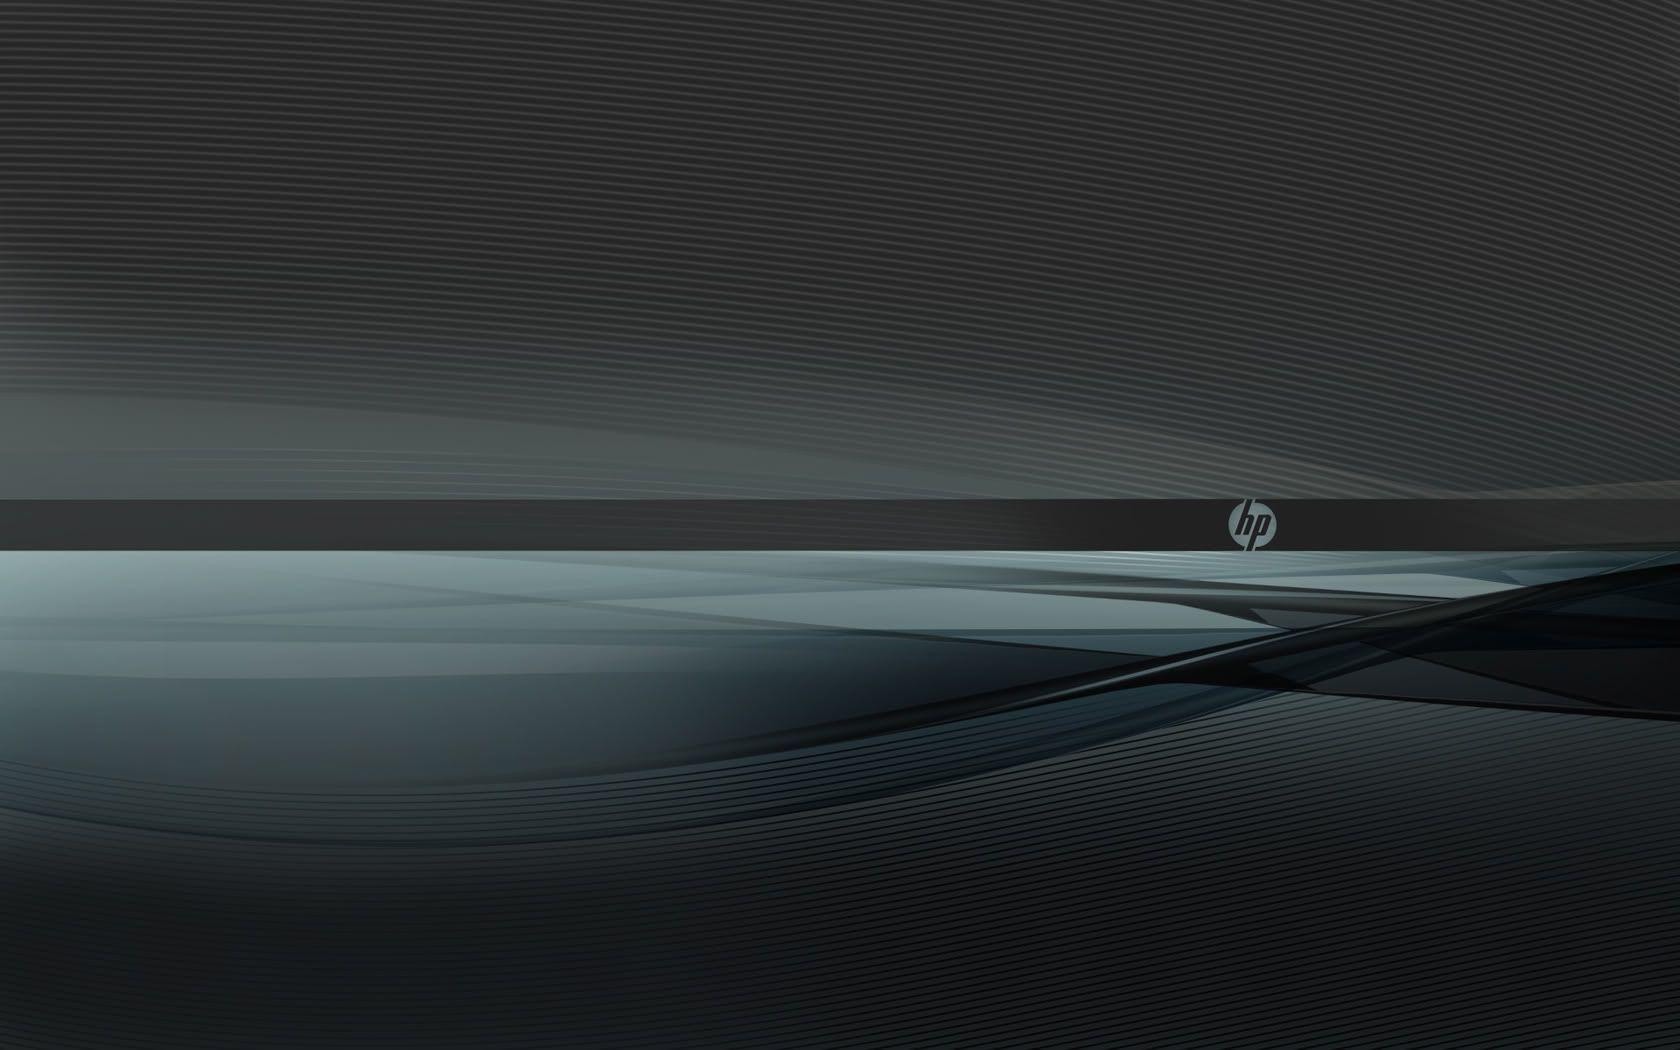 HP Pavilion Wallpaper 1680x1050